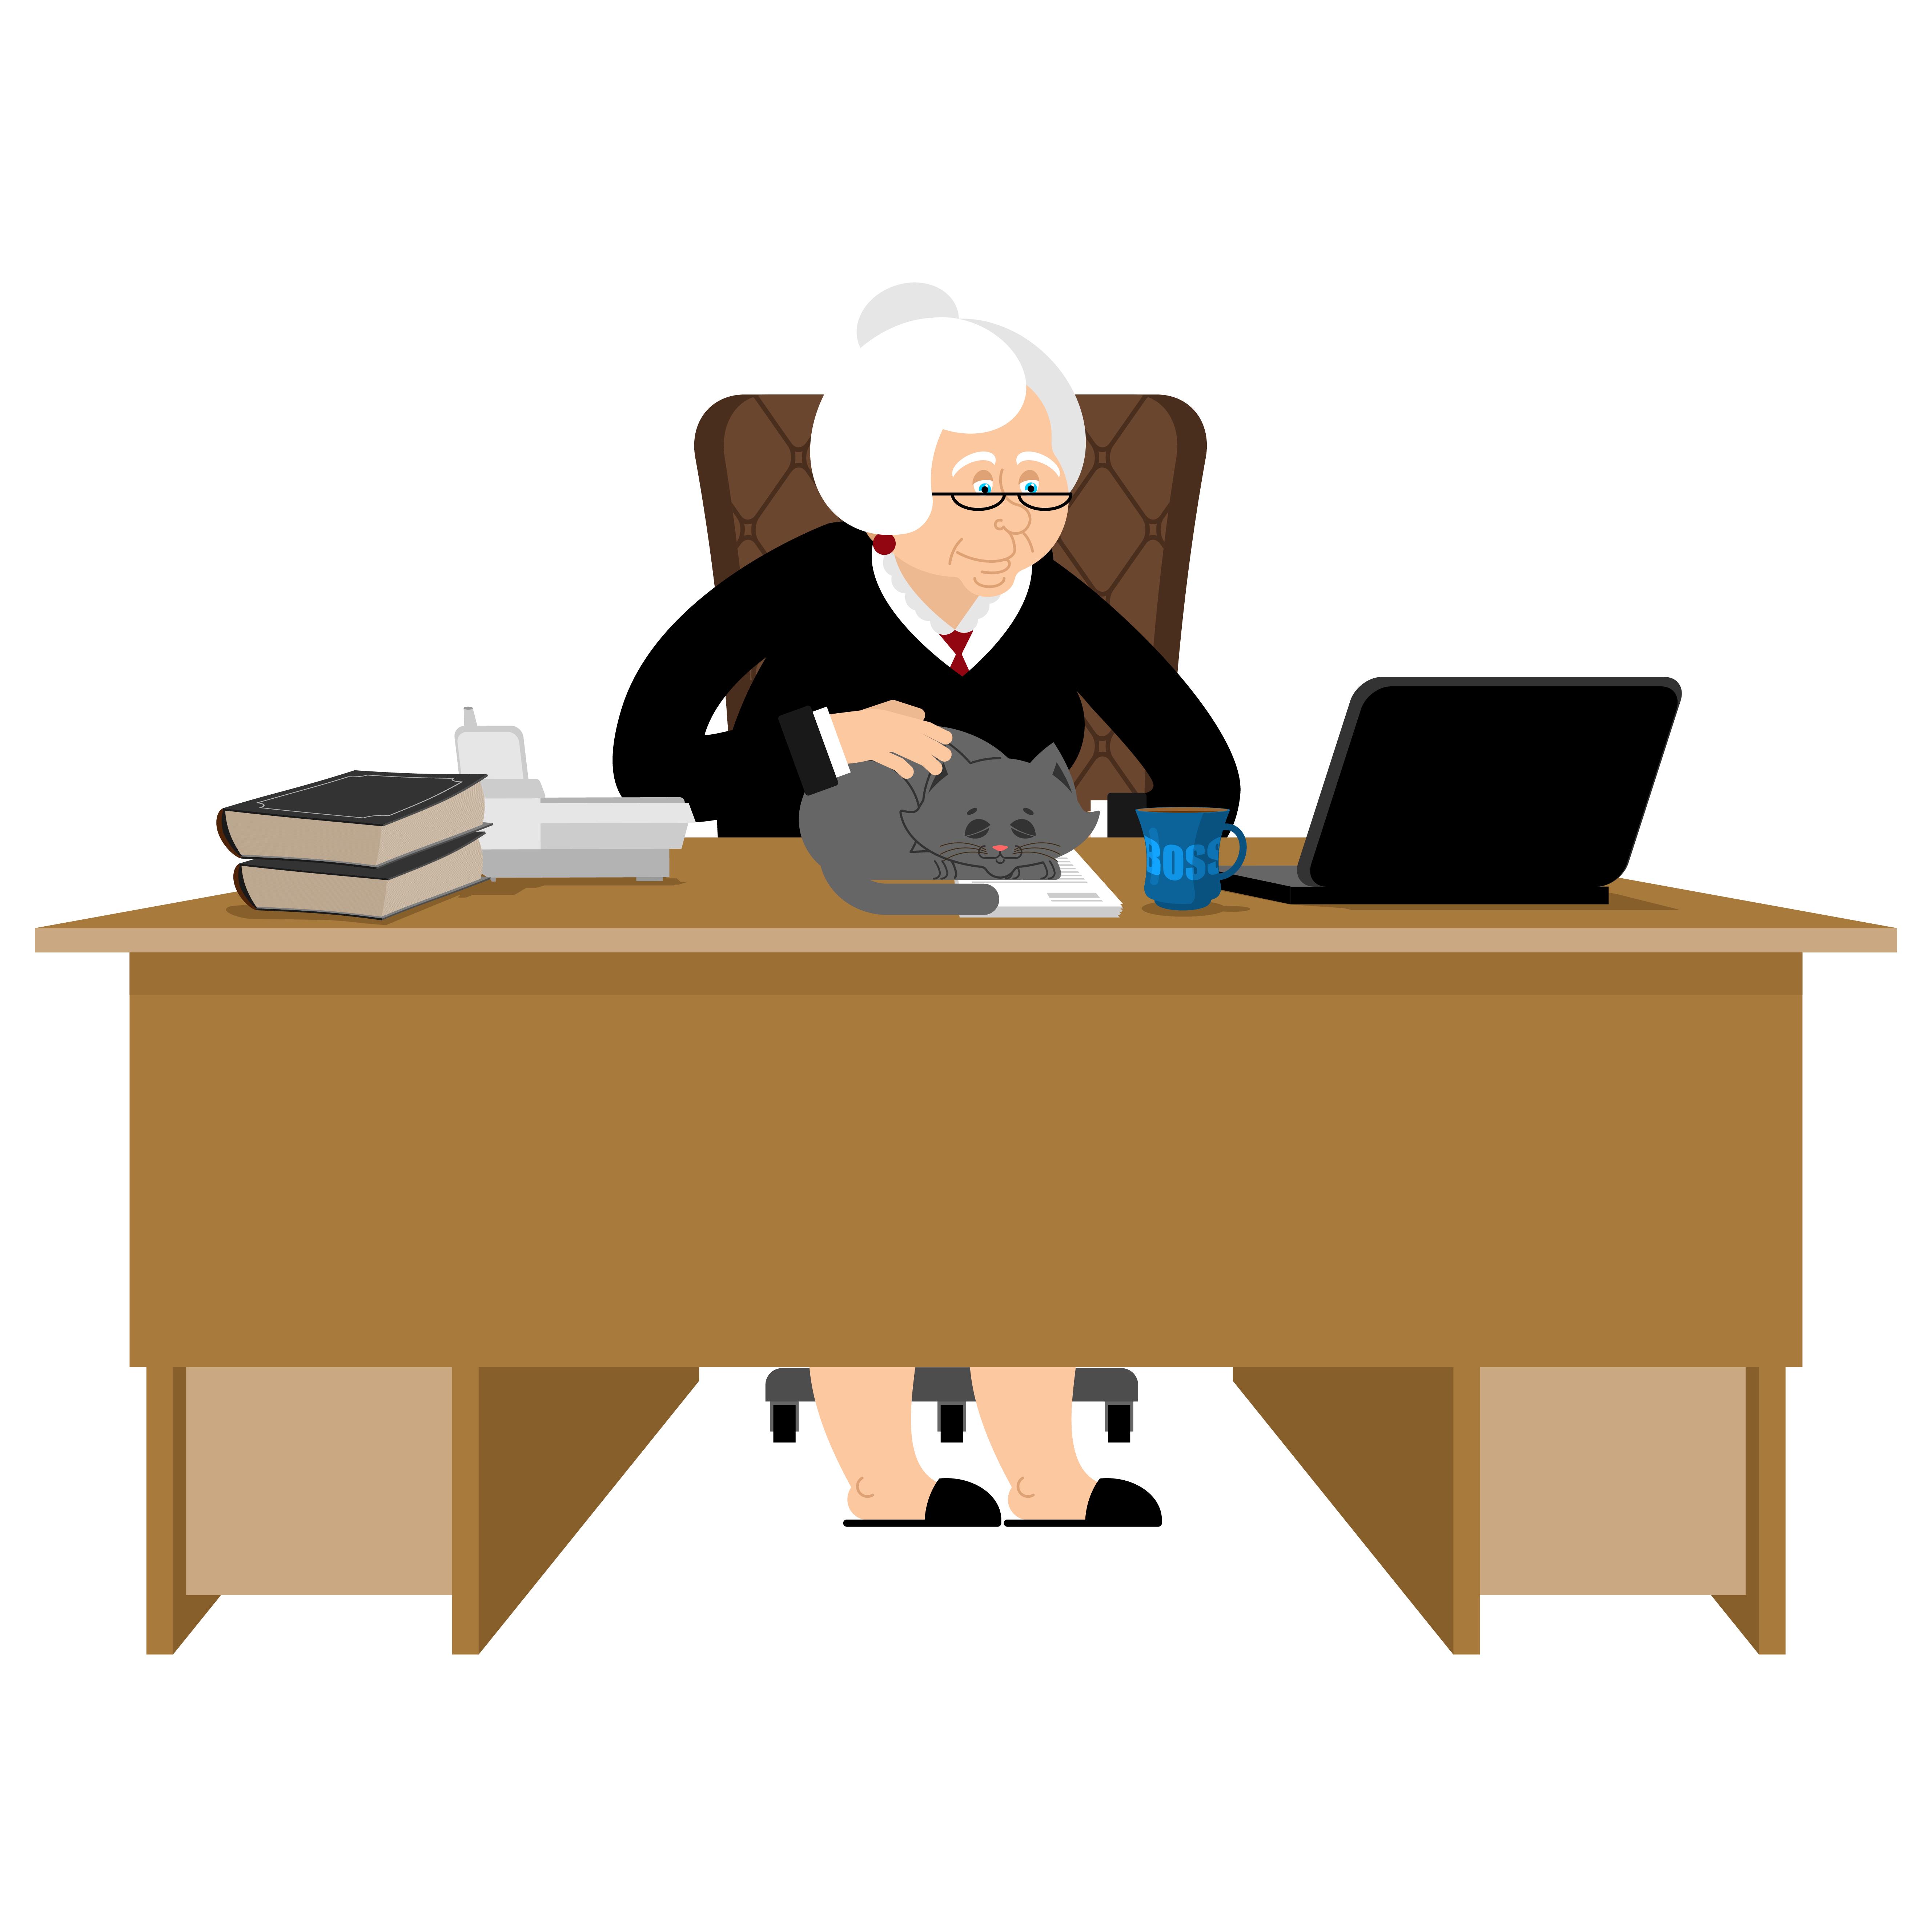 После 55 вы работодателям не нужны. Большинство компаний дискриминируют людей по возрасту, но не все